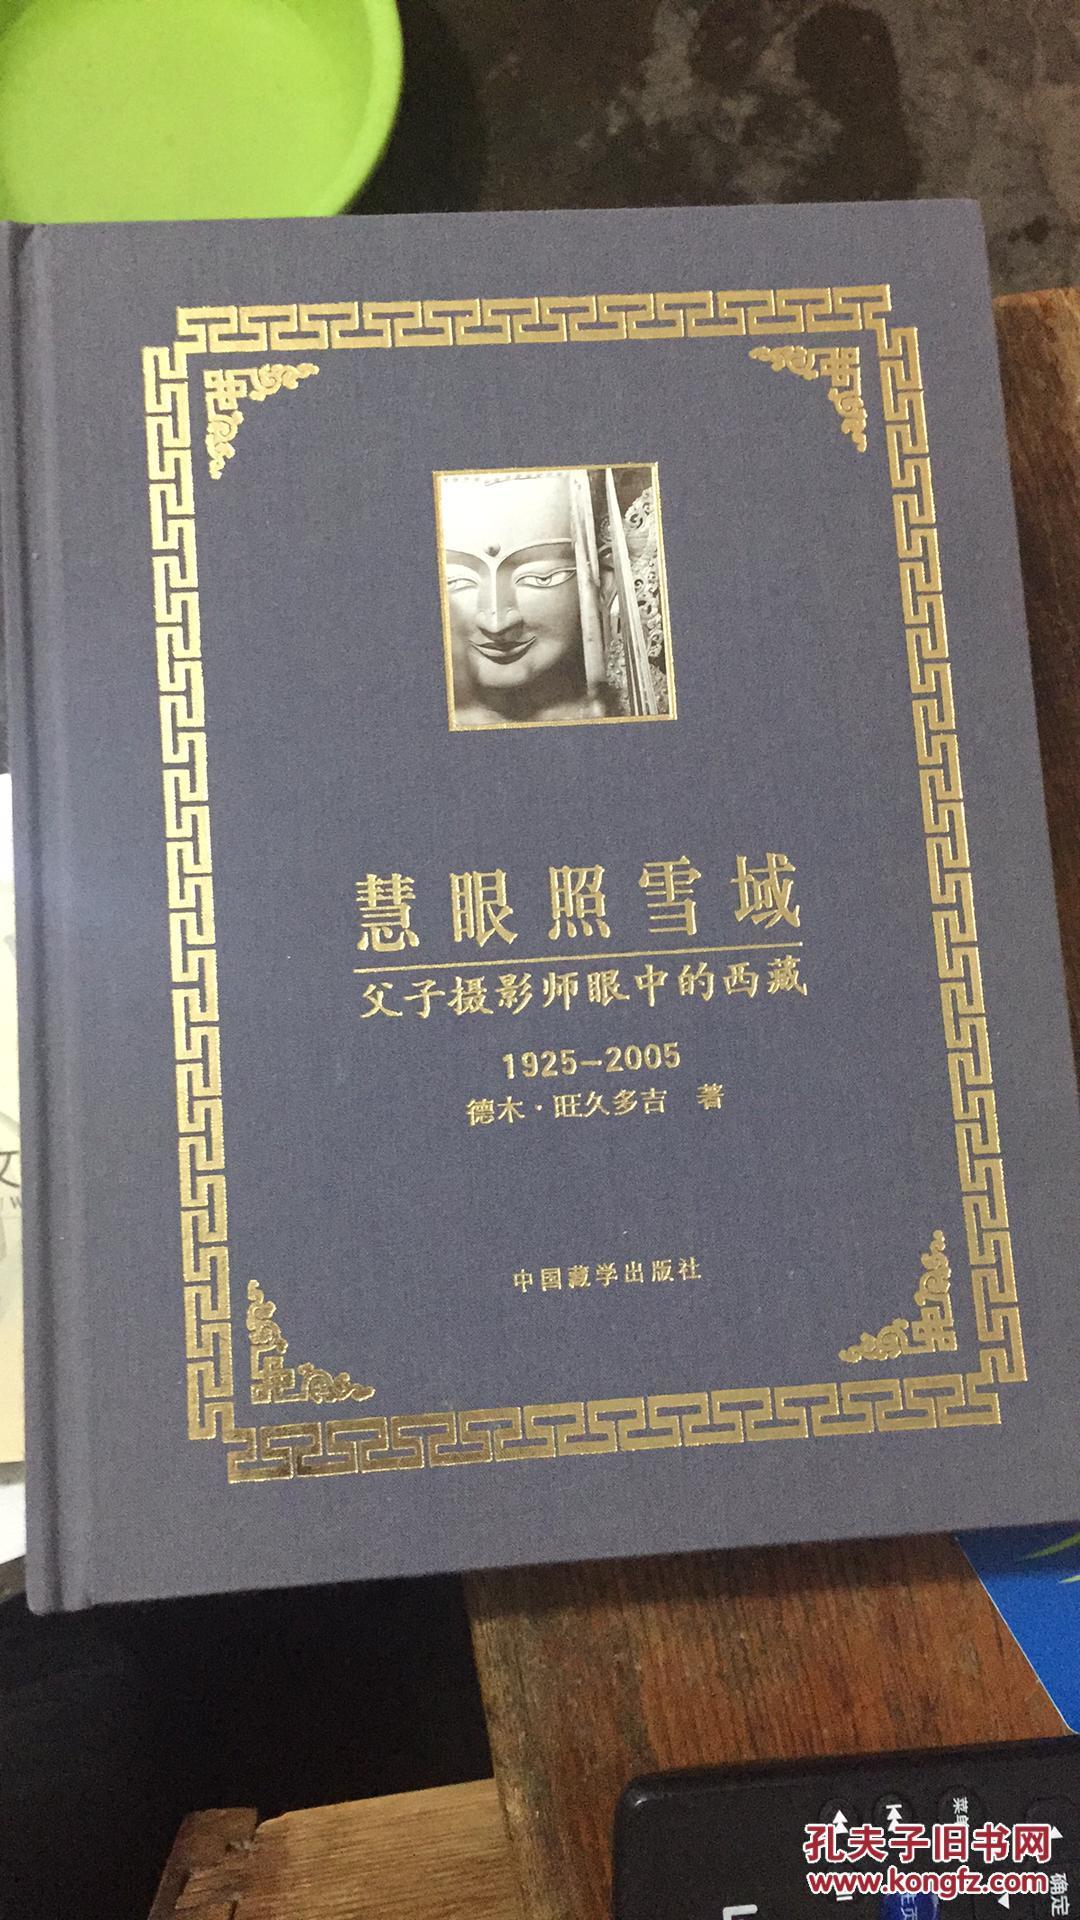 慧眼照雪域:父子摄影师眼中的西藏(1925-2005)精装9787800577918中国